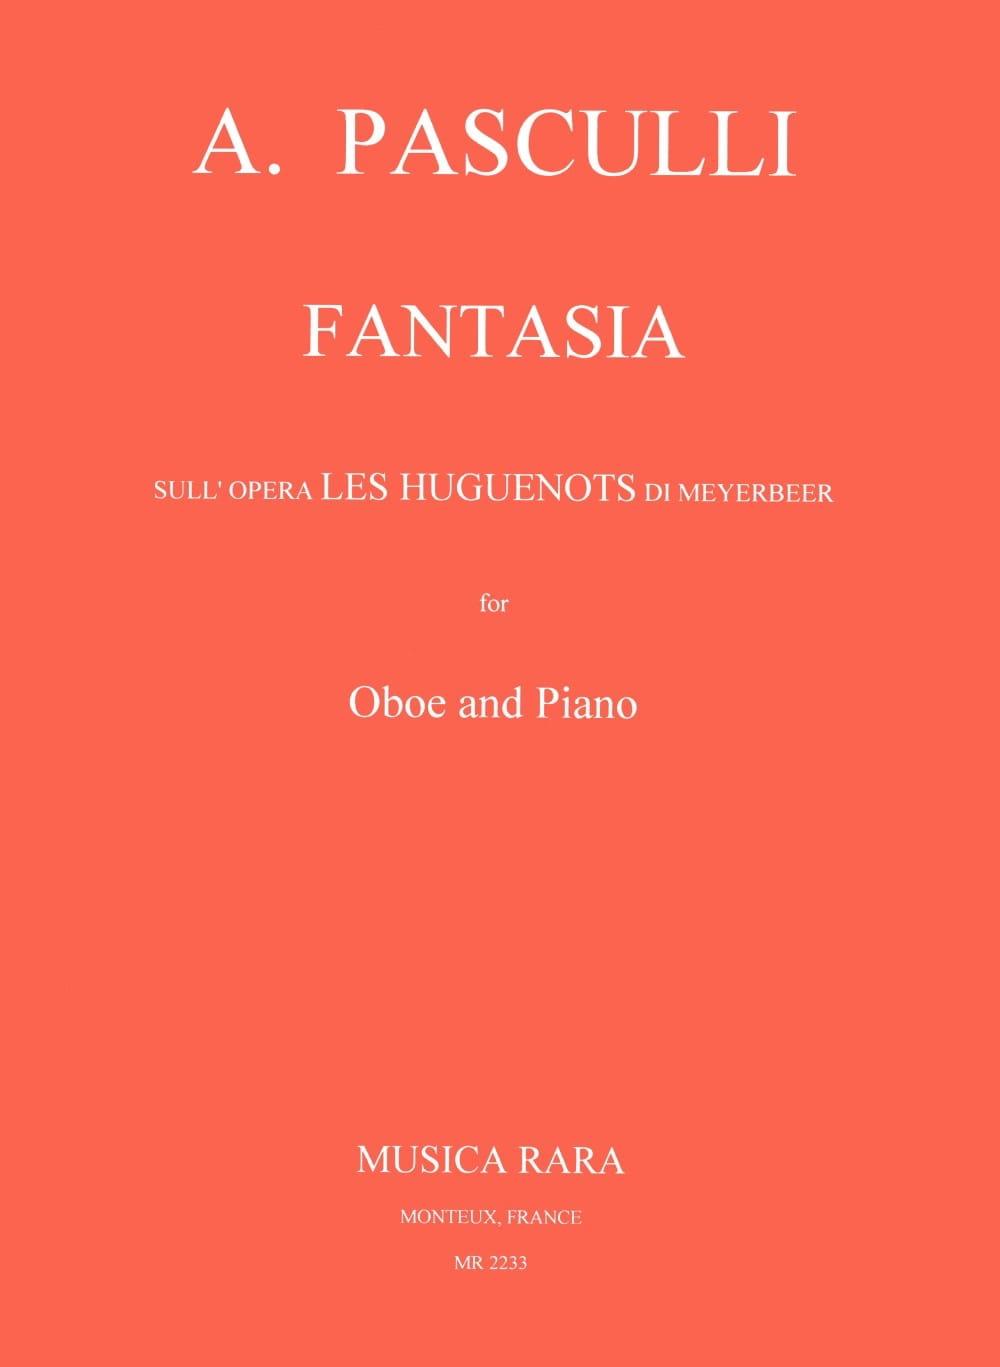 Antonino Pasculli - Fantasia sull'opera Los hugonotes di Meyerbeer - Partition - di-arezzo.es